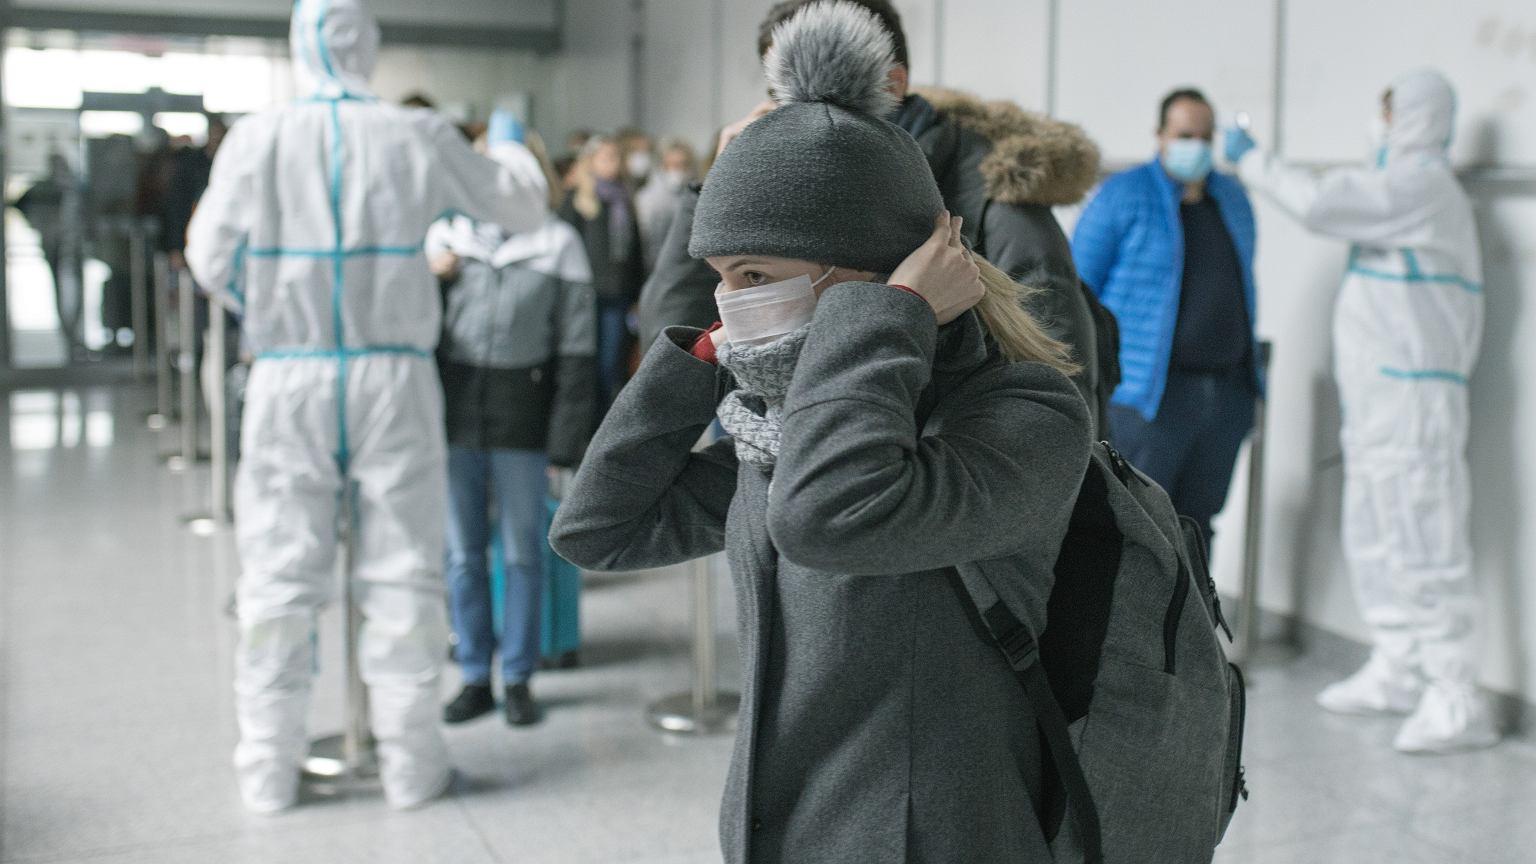 Kolejni Polacy z podejrzeniem koronawirusa po powrocie z Włoch. Zamknięto szkołę